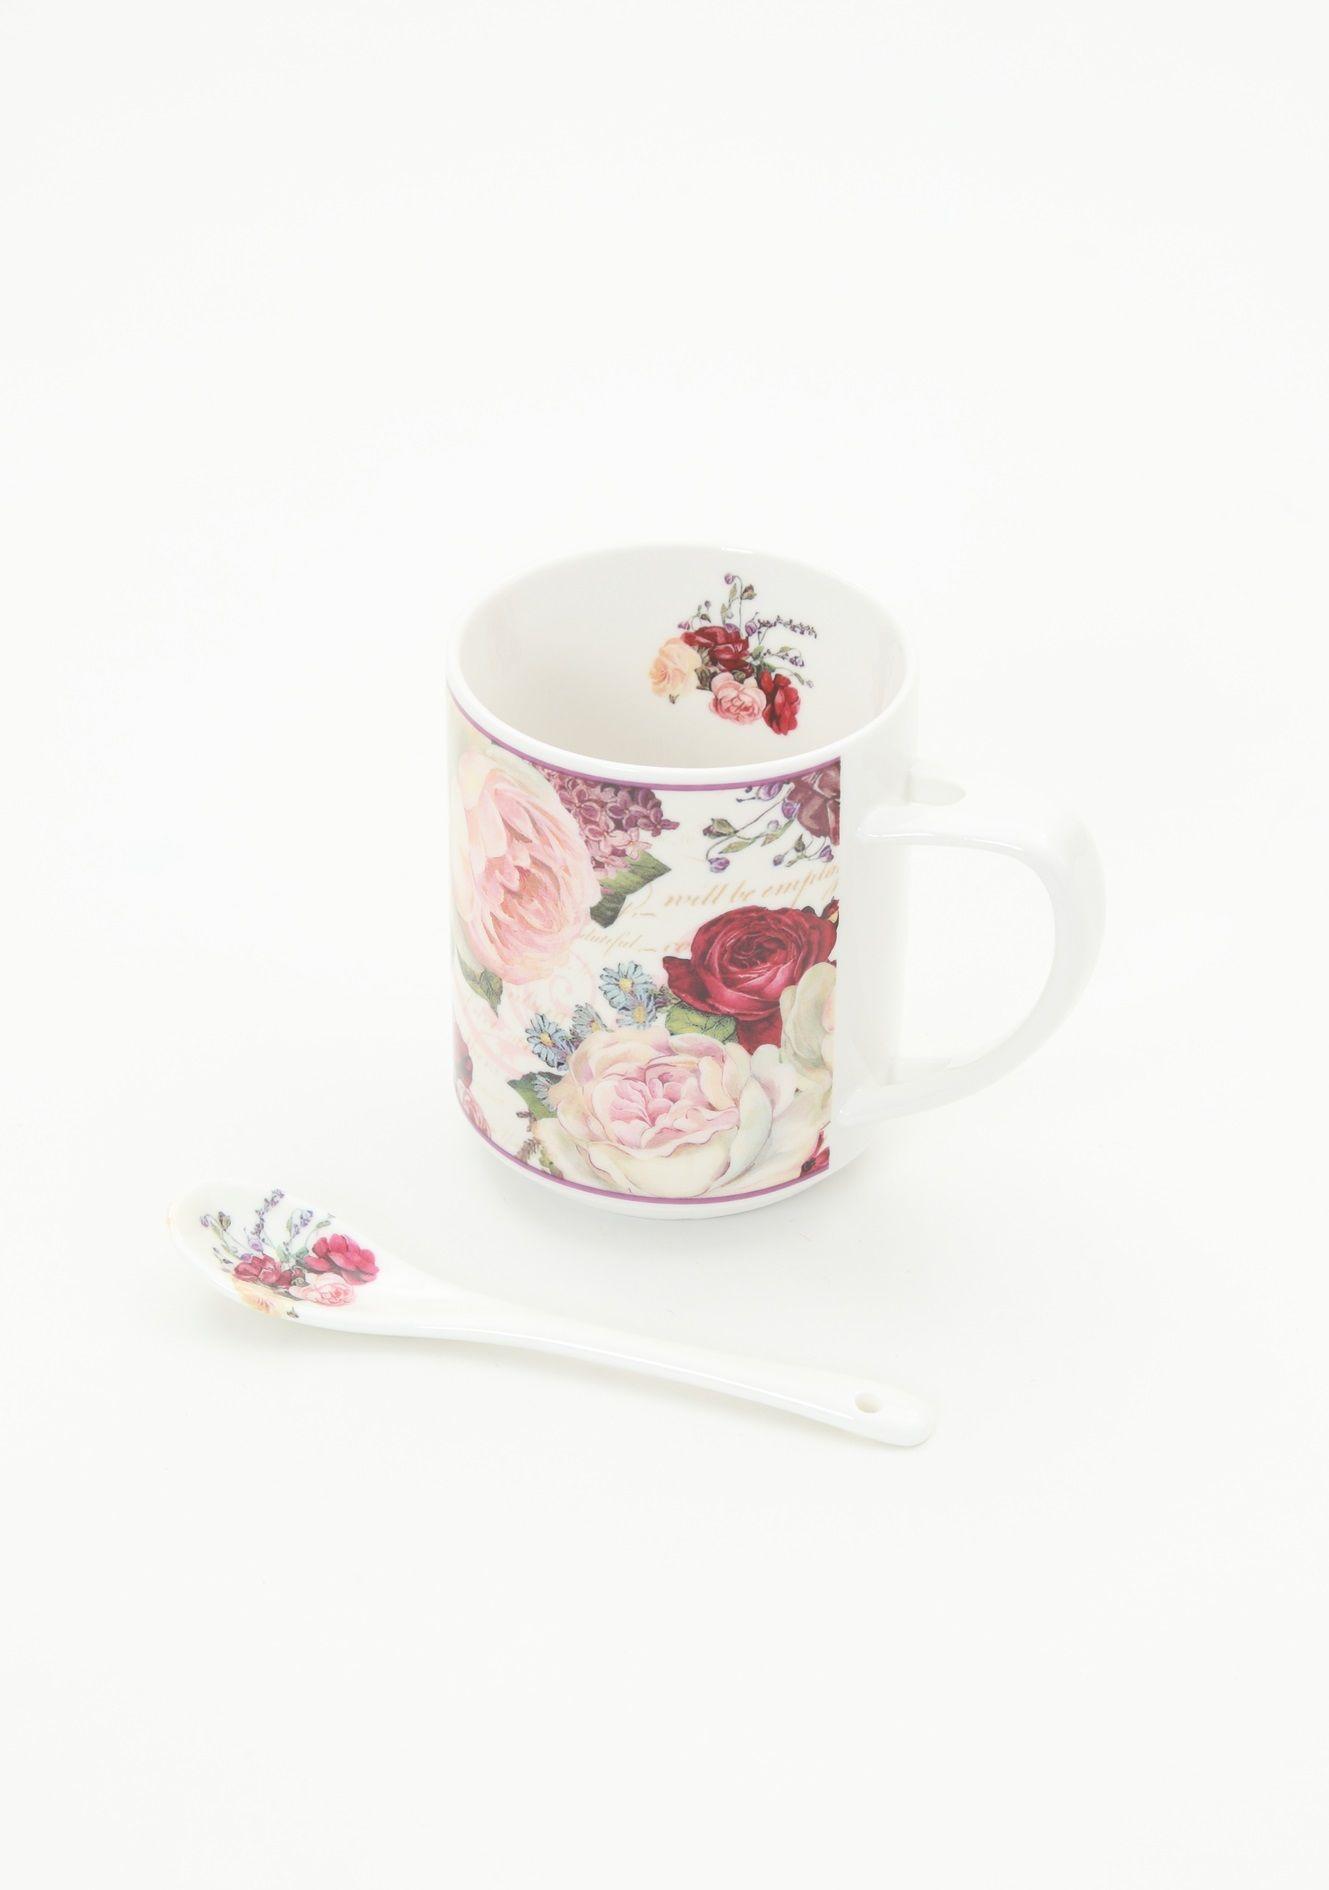 http://shop.axesfemme.com/femme-バラ柄スプーン付きマグカップ/brandproduct/femme/0/JW390718/?cat=